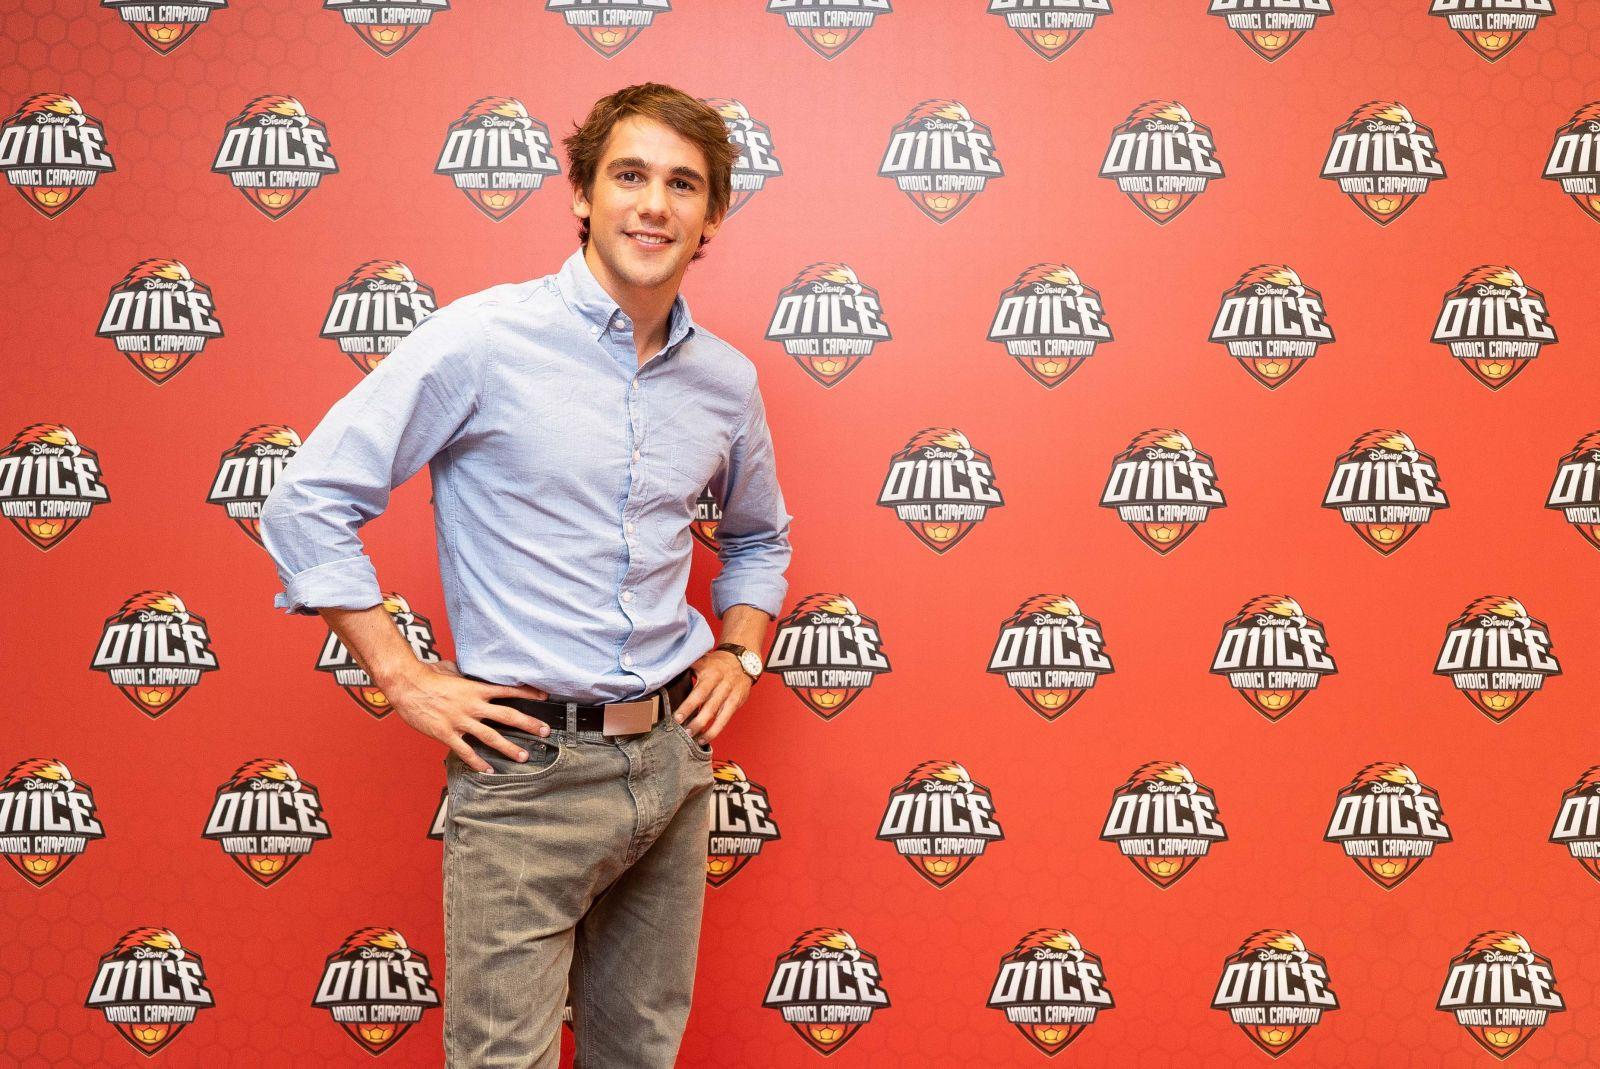 O11CE - Undici Campioni: Mariano González in un'immagine promozionale